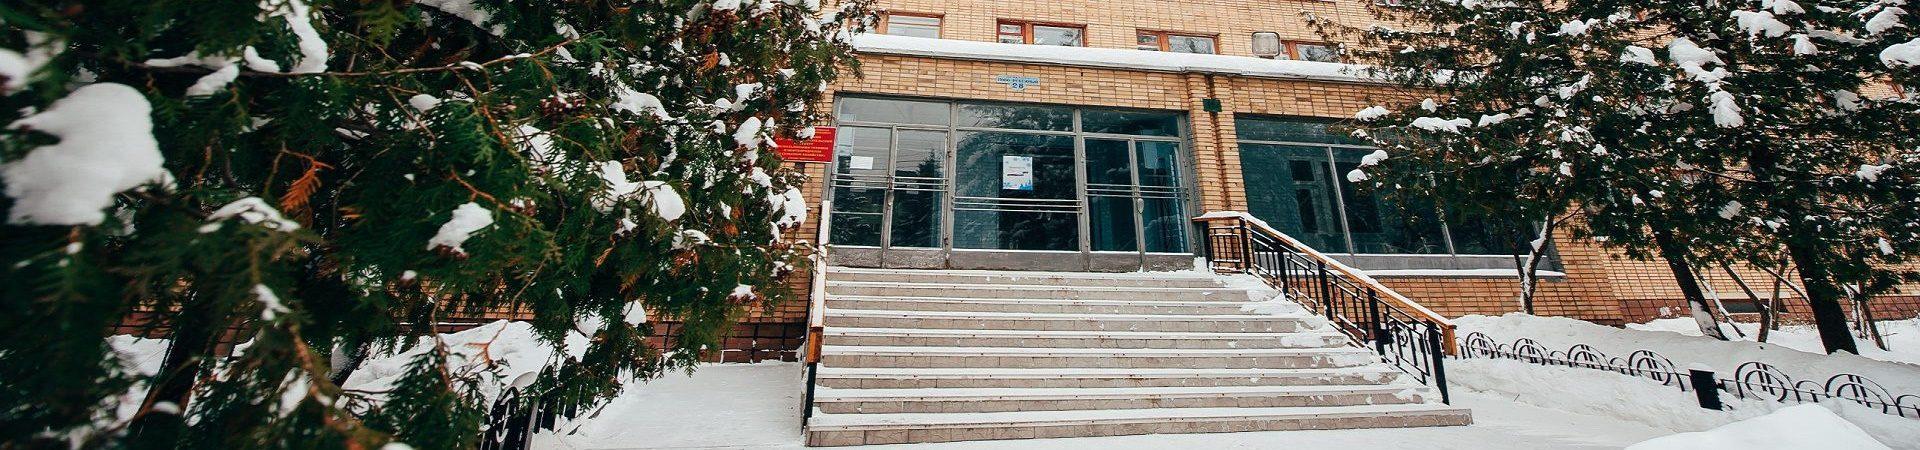 Научно-исследовательские институты россии